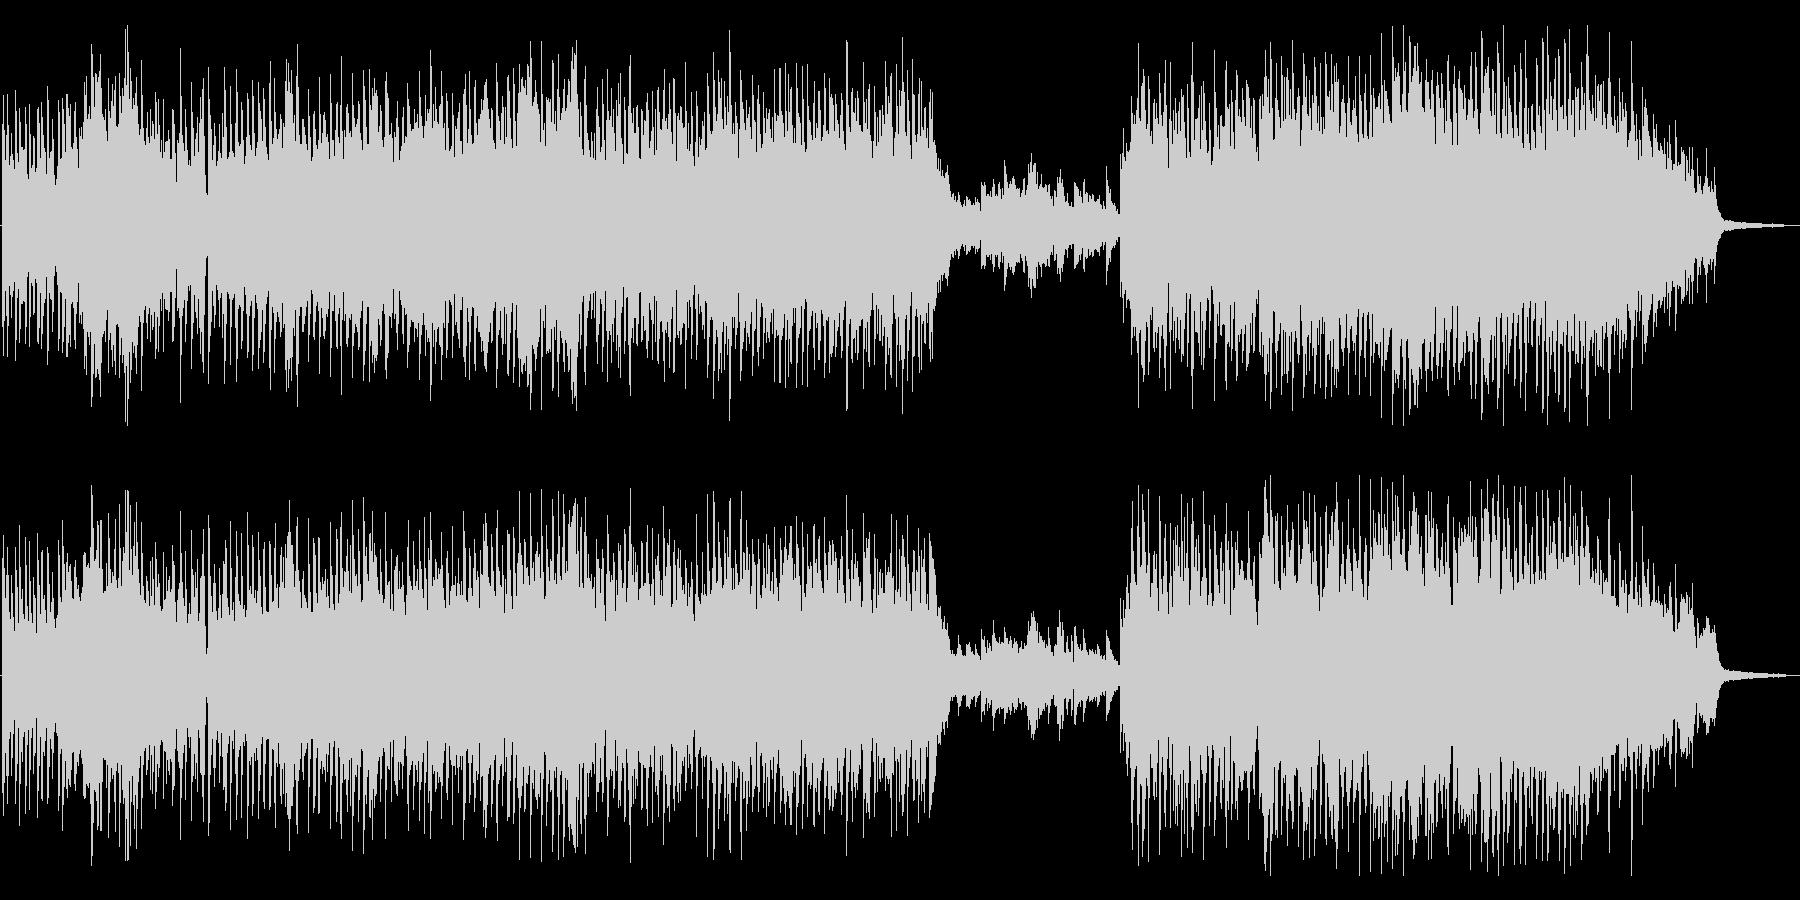 カーテンコール_ブラスとピアノが駆け巡るの未再生の波形